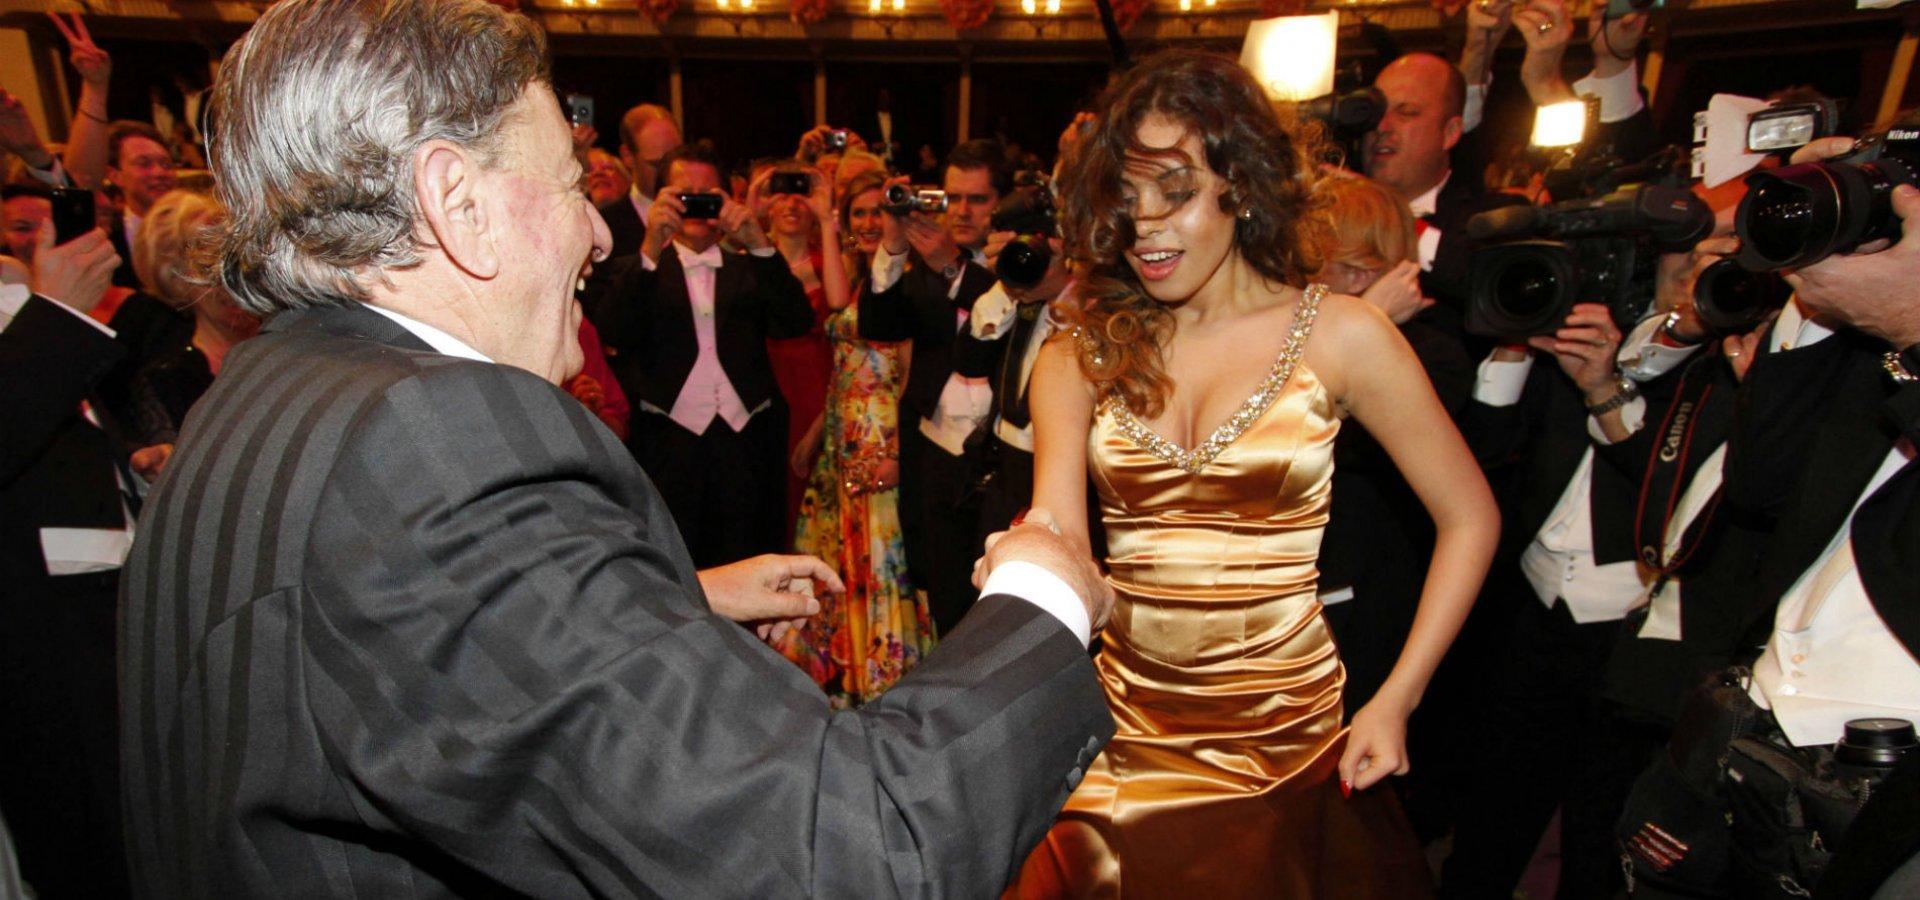 ΣΙΛΒΙΟ ΜΠΕΡΛΟΥΣΚΟΝΙ-παράτησε την 34χρονη σύντροφό του για την 30χρονη βουλευτή, Μάρτα Φασίνα: Ο «ΚΑΒΑΛΙΕΡΕ» ΜΕΓΑΛΩΝΕΙ, ΟΙ ΓΥΝΑΙΚΕΣ ΤΟΥ ΜΙΚΡΑΙΝΟΥΝ...